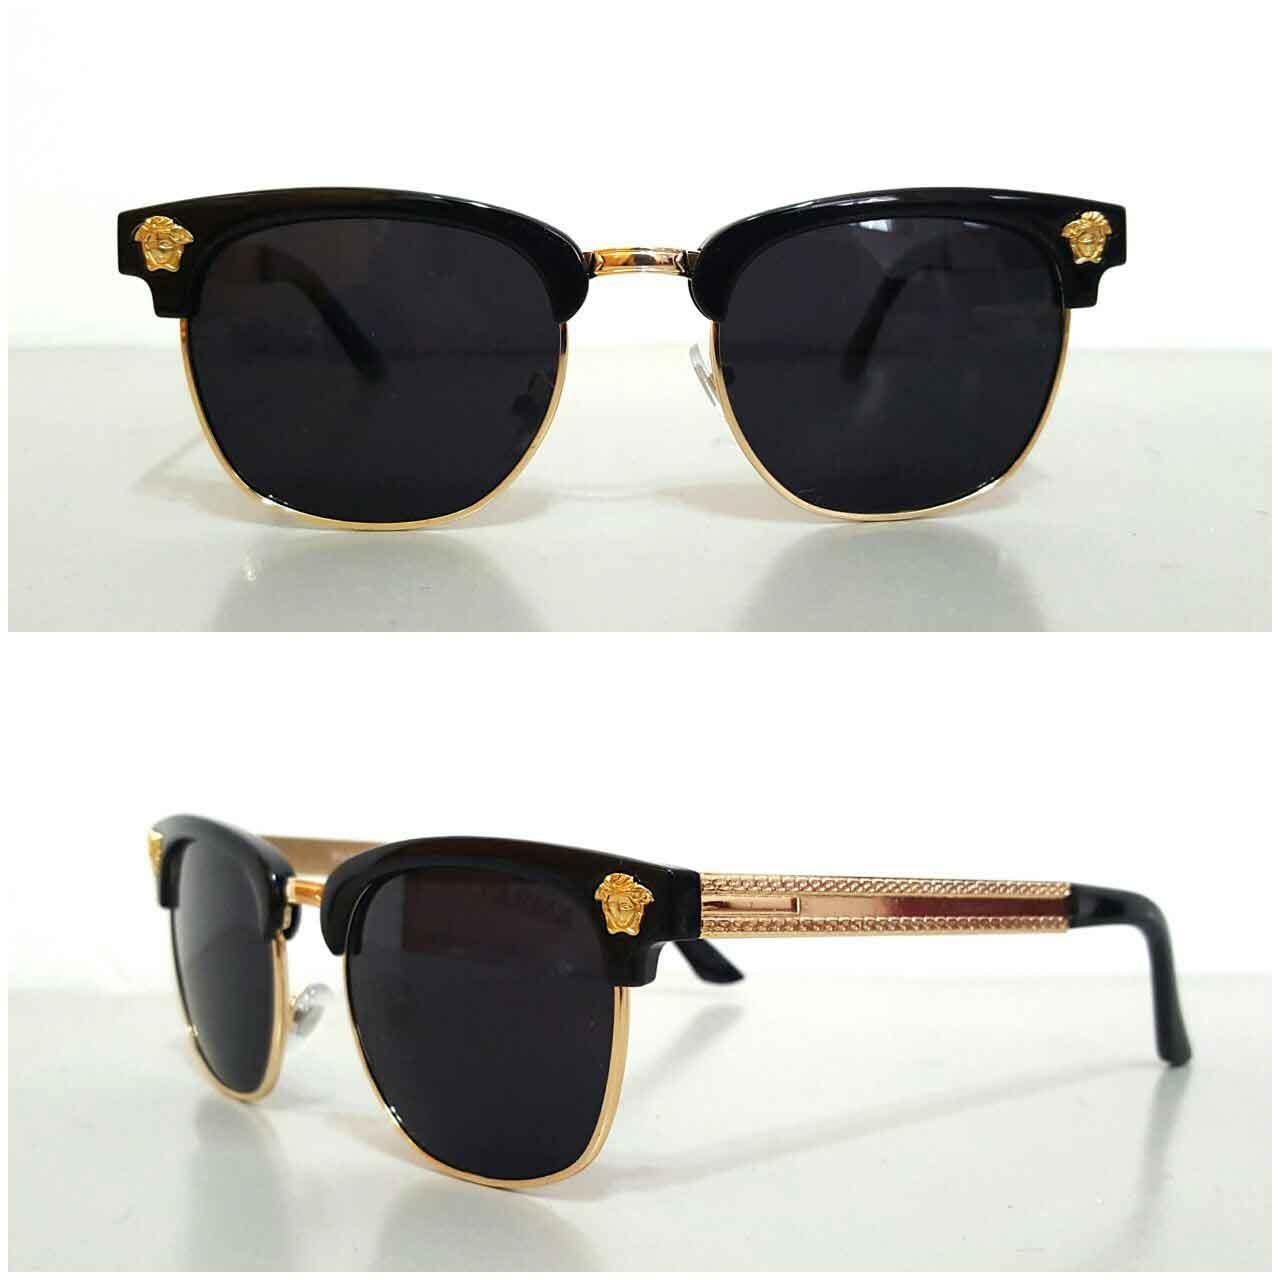 خرید عینک آفتابی ورساچه 2015